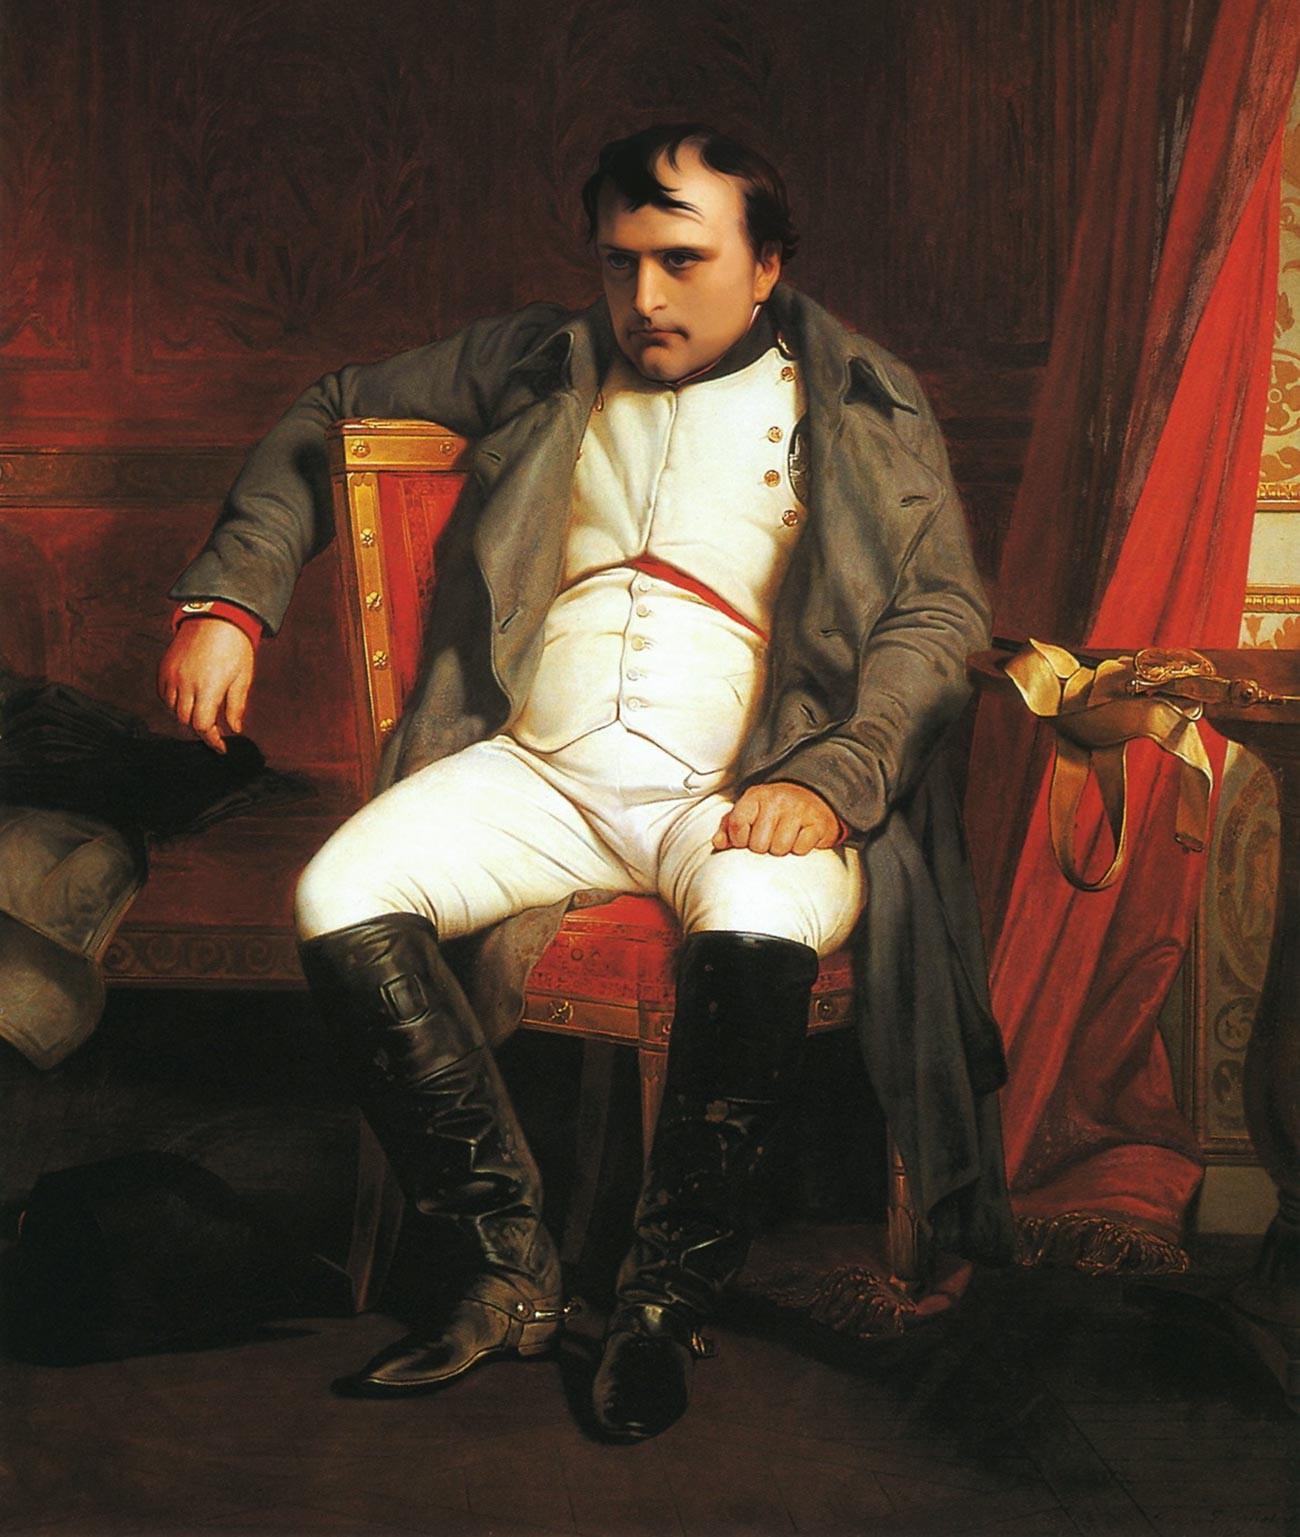 Поль Деларош. Наполеон в Фонтенбло после отречения (фрагмент).